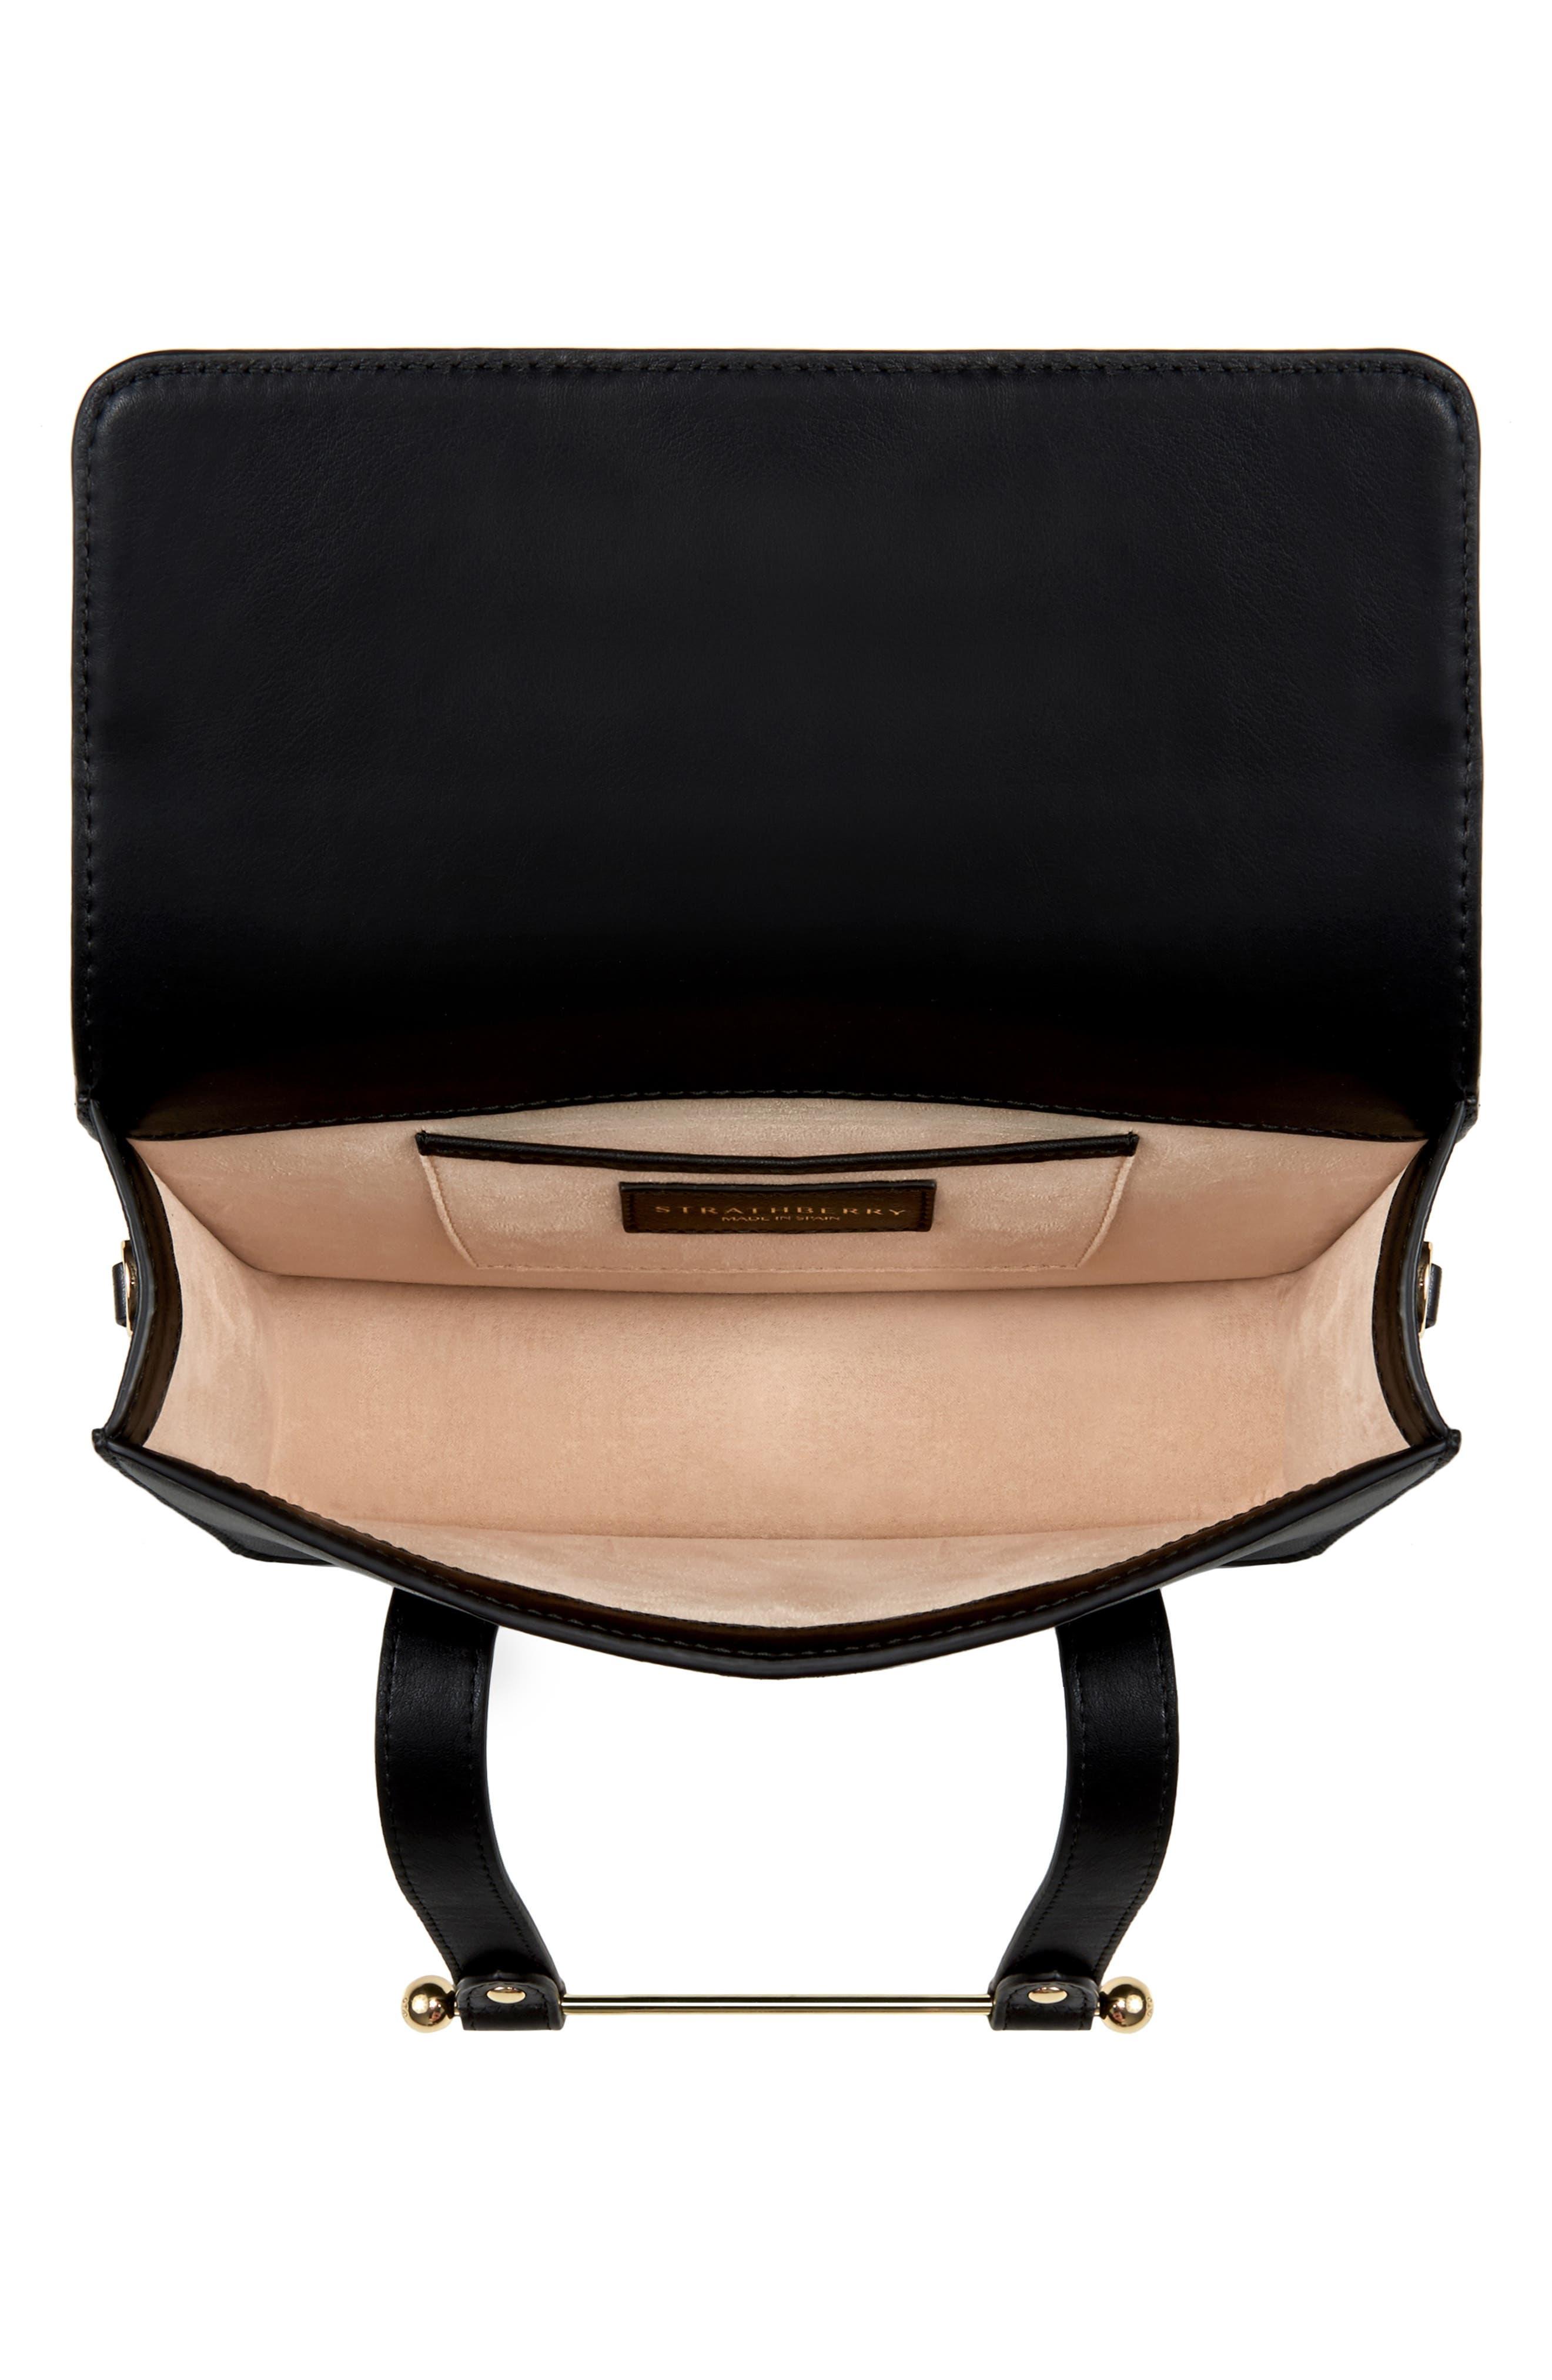 MC Mini Leather Crossbody Bag,                             Alternate thumbnail 5, color,